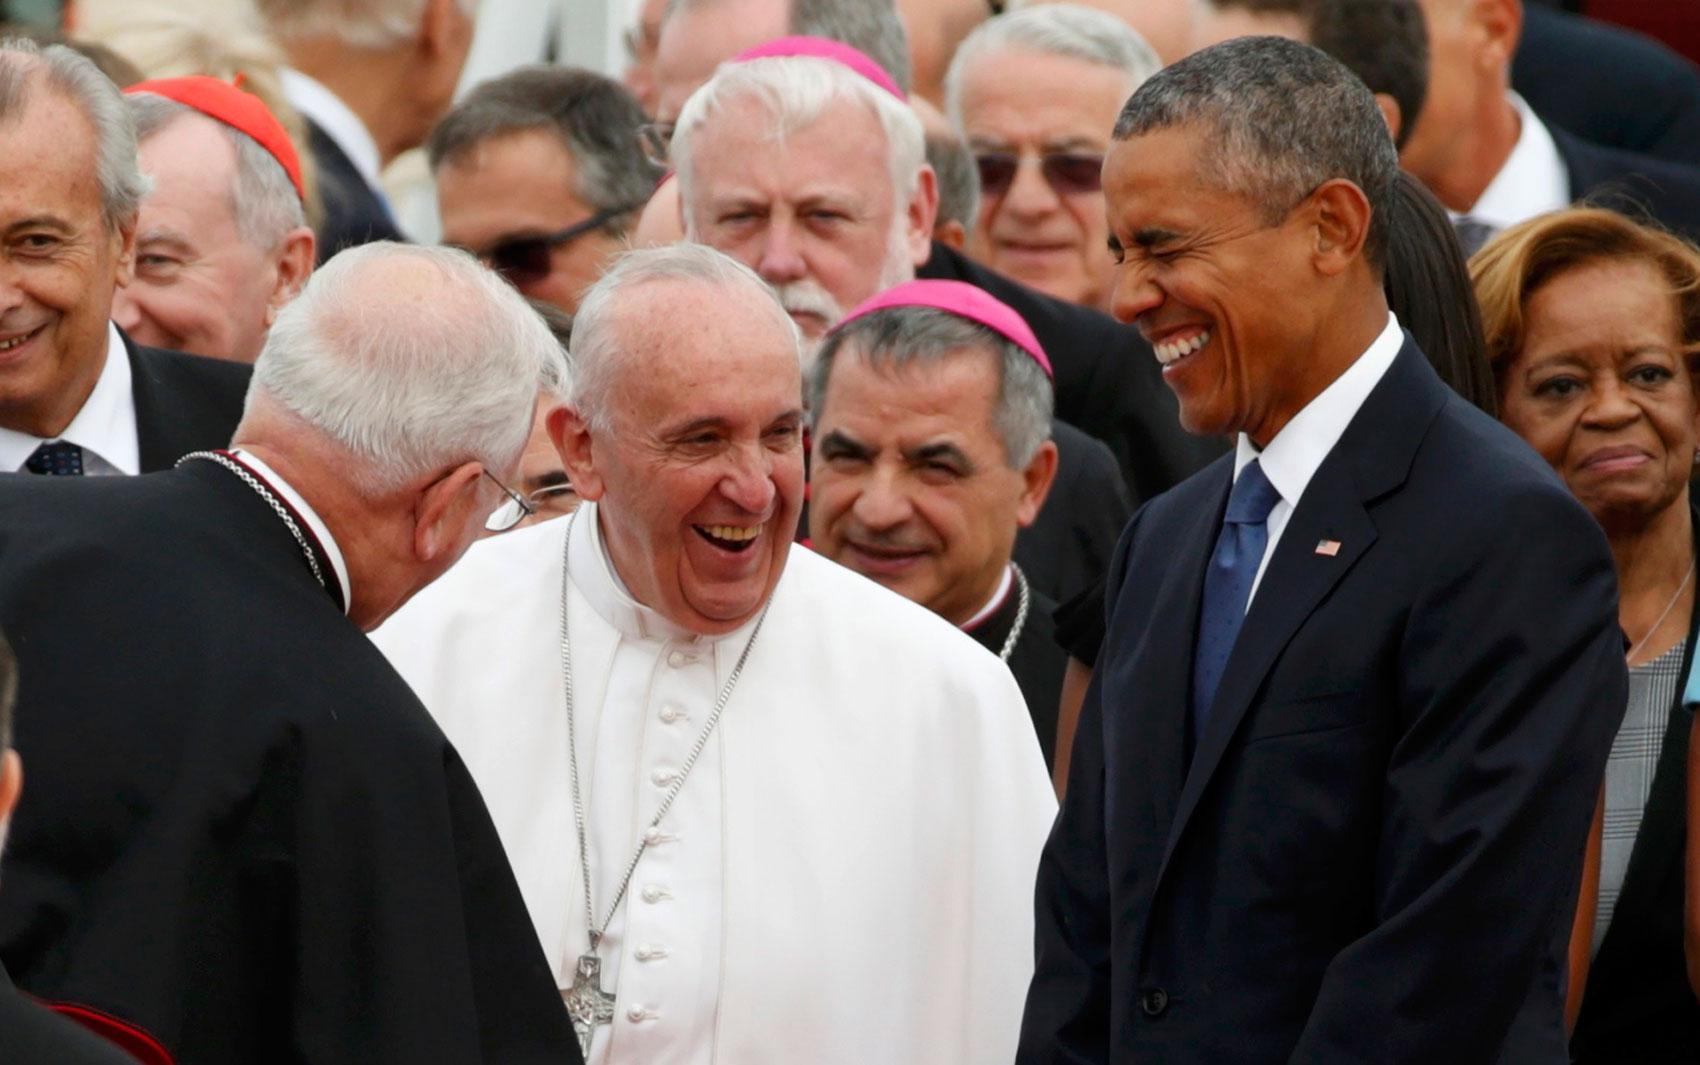 Papa chega aos EUA e é recebido por Obama. Francisco faz sua 1ª visita ao país após ir a Cuba, onde esteve com os irmãos Raúl e Fidel Castro